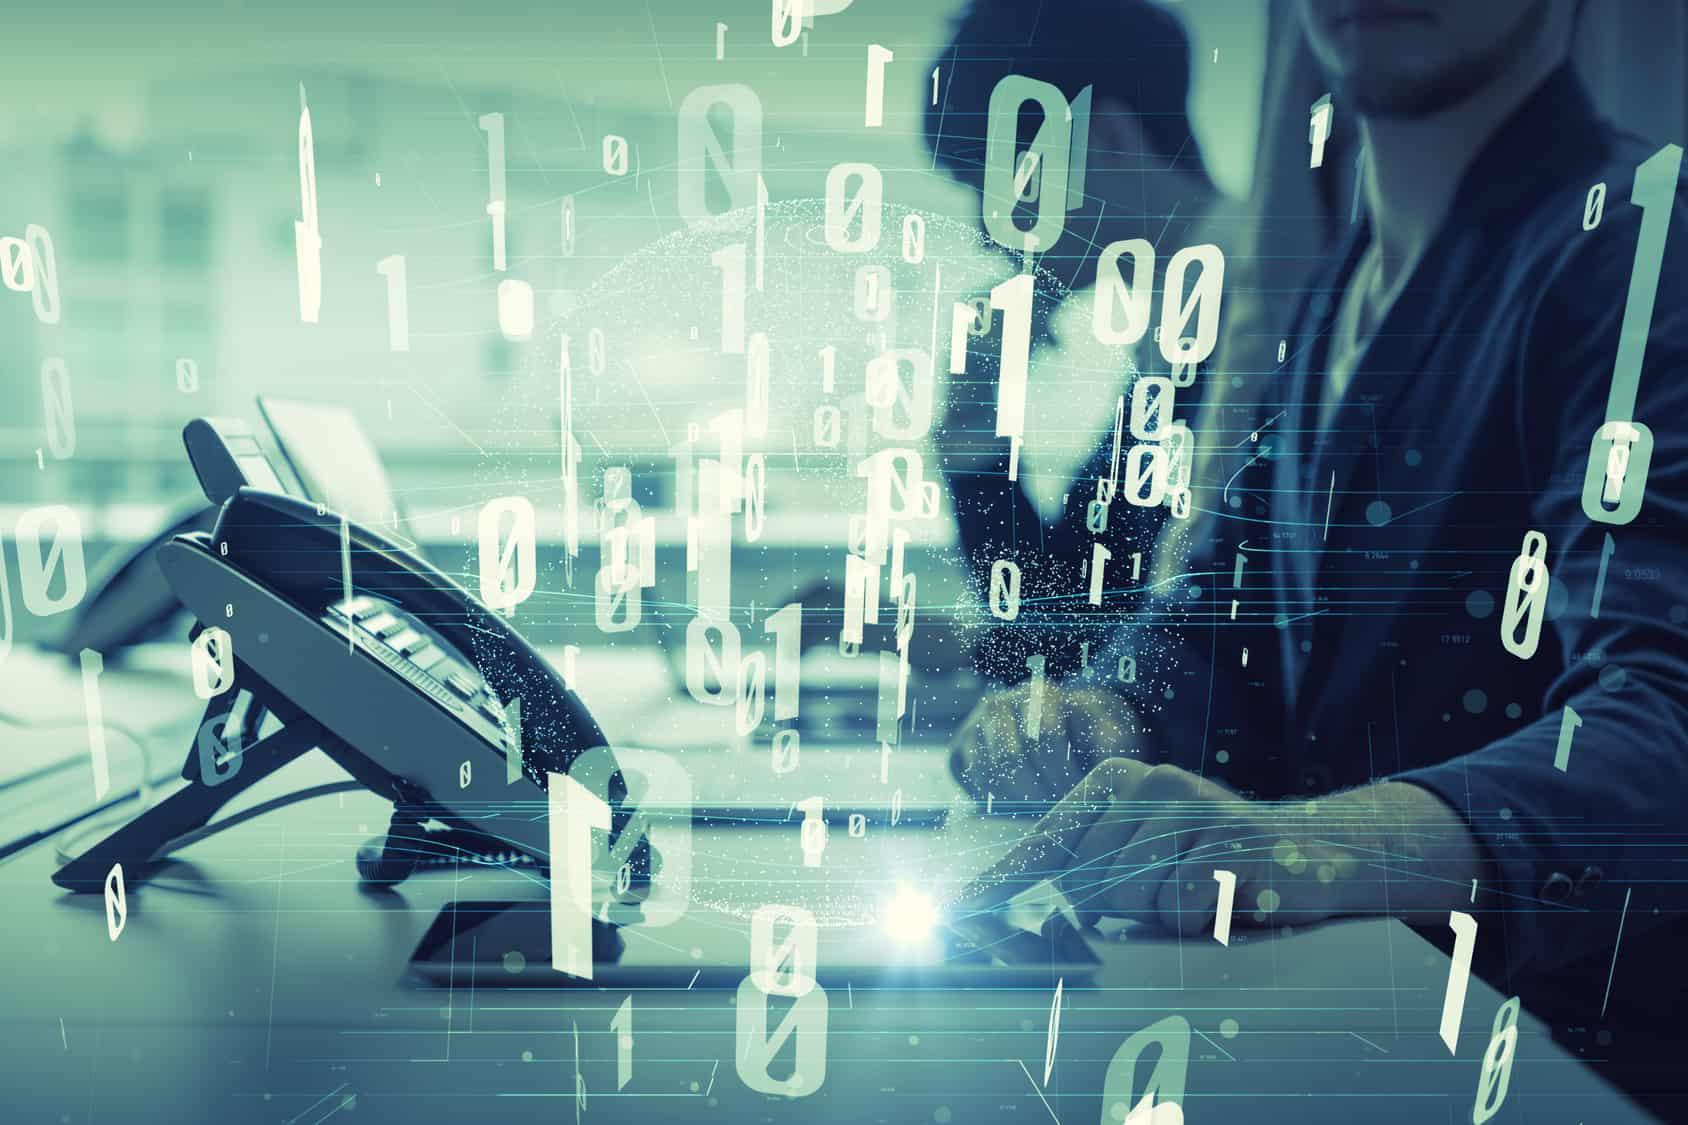 La industria de las telecomunicaciones en México registra un crecimiento anual de 9 por ciento, gracias a la inversión extranjera directa (IED) que ha recibido en los últimos años, y ello ha derivado en la creación de nuevos empleos.